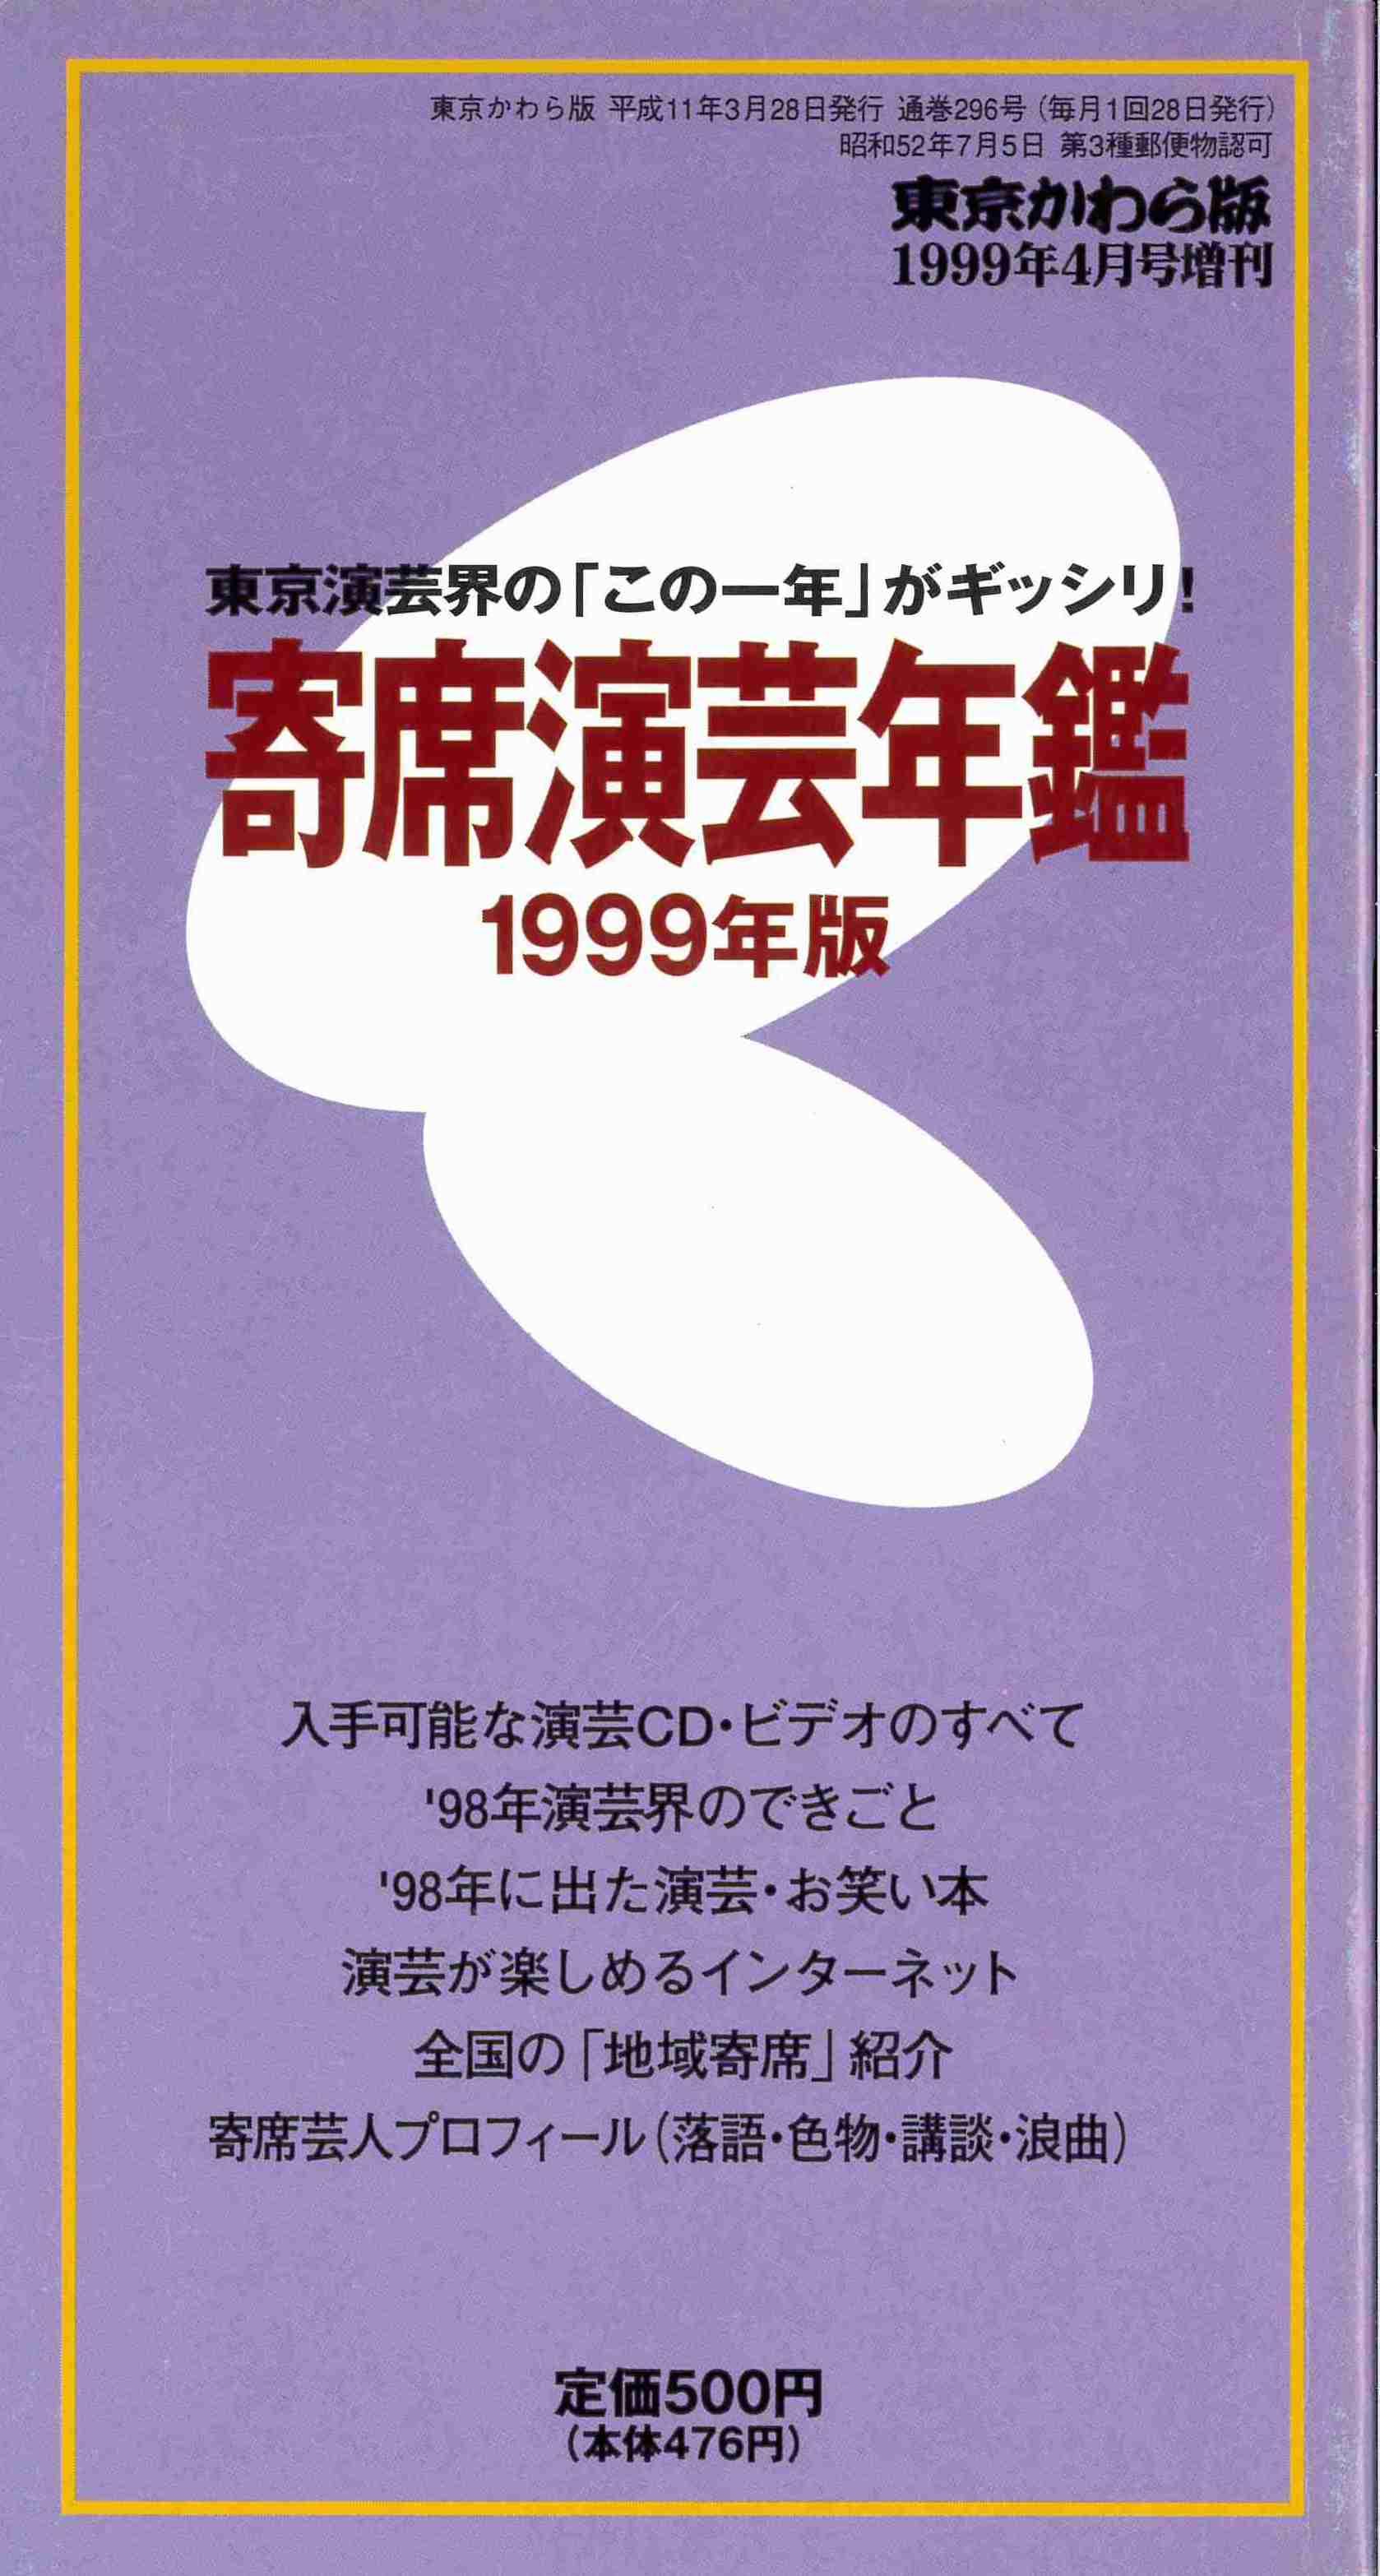 【完売御礼】寄席演芸年鑑 1999年版